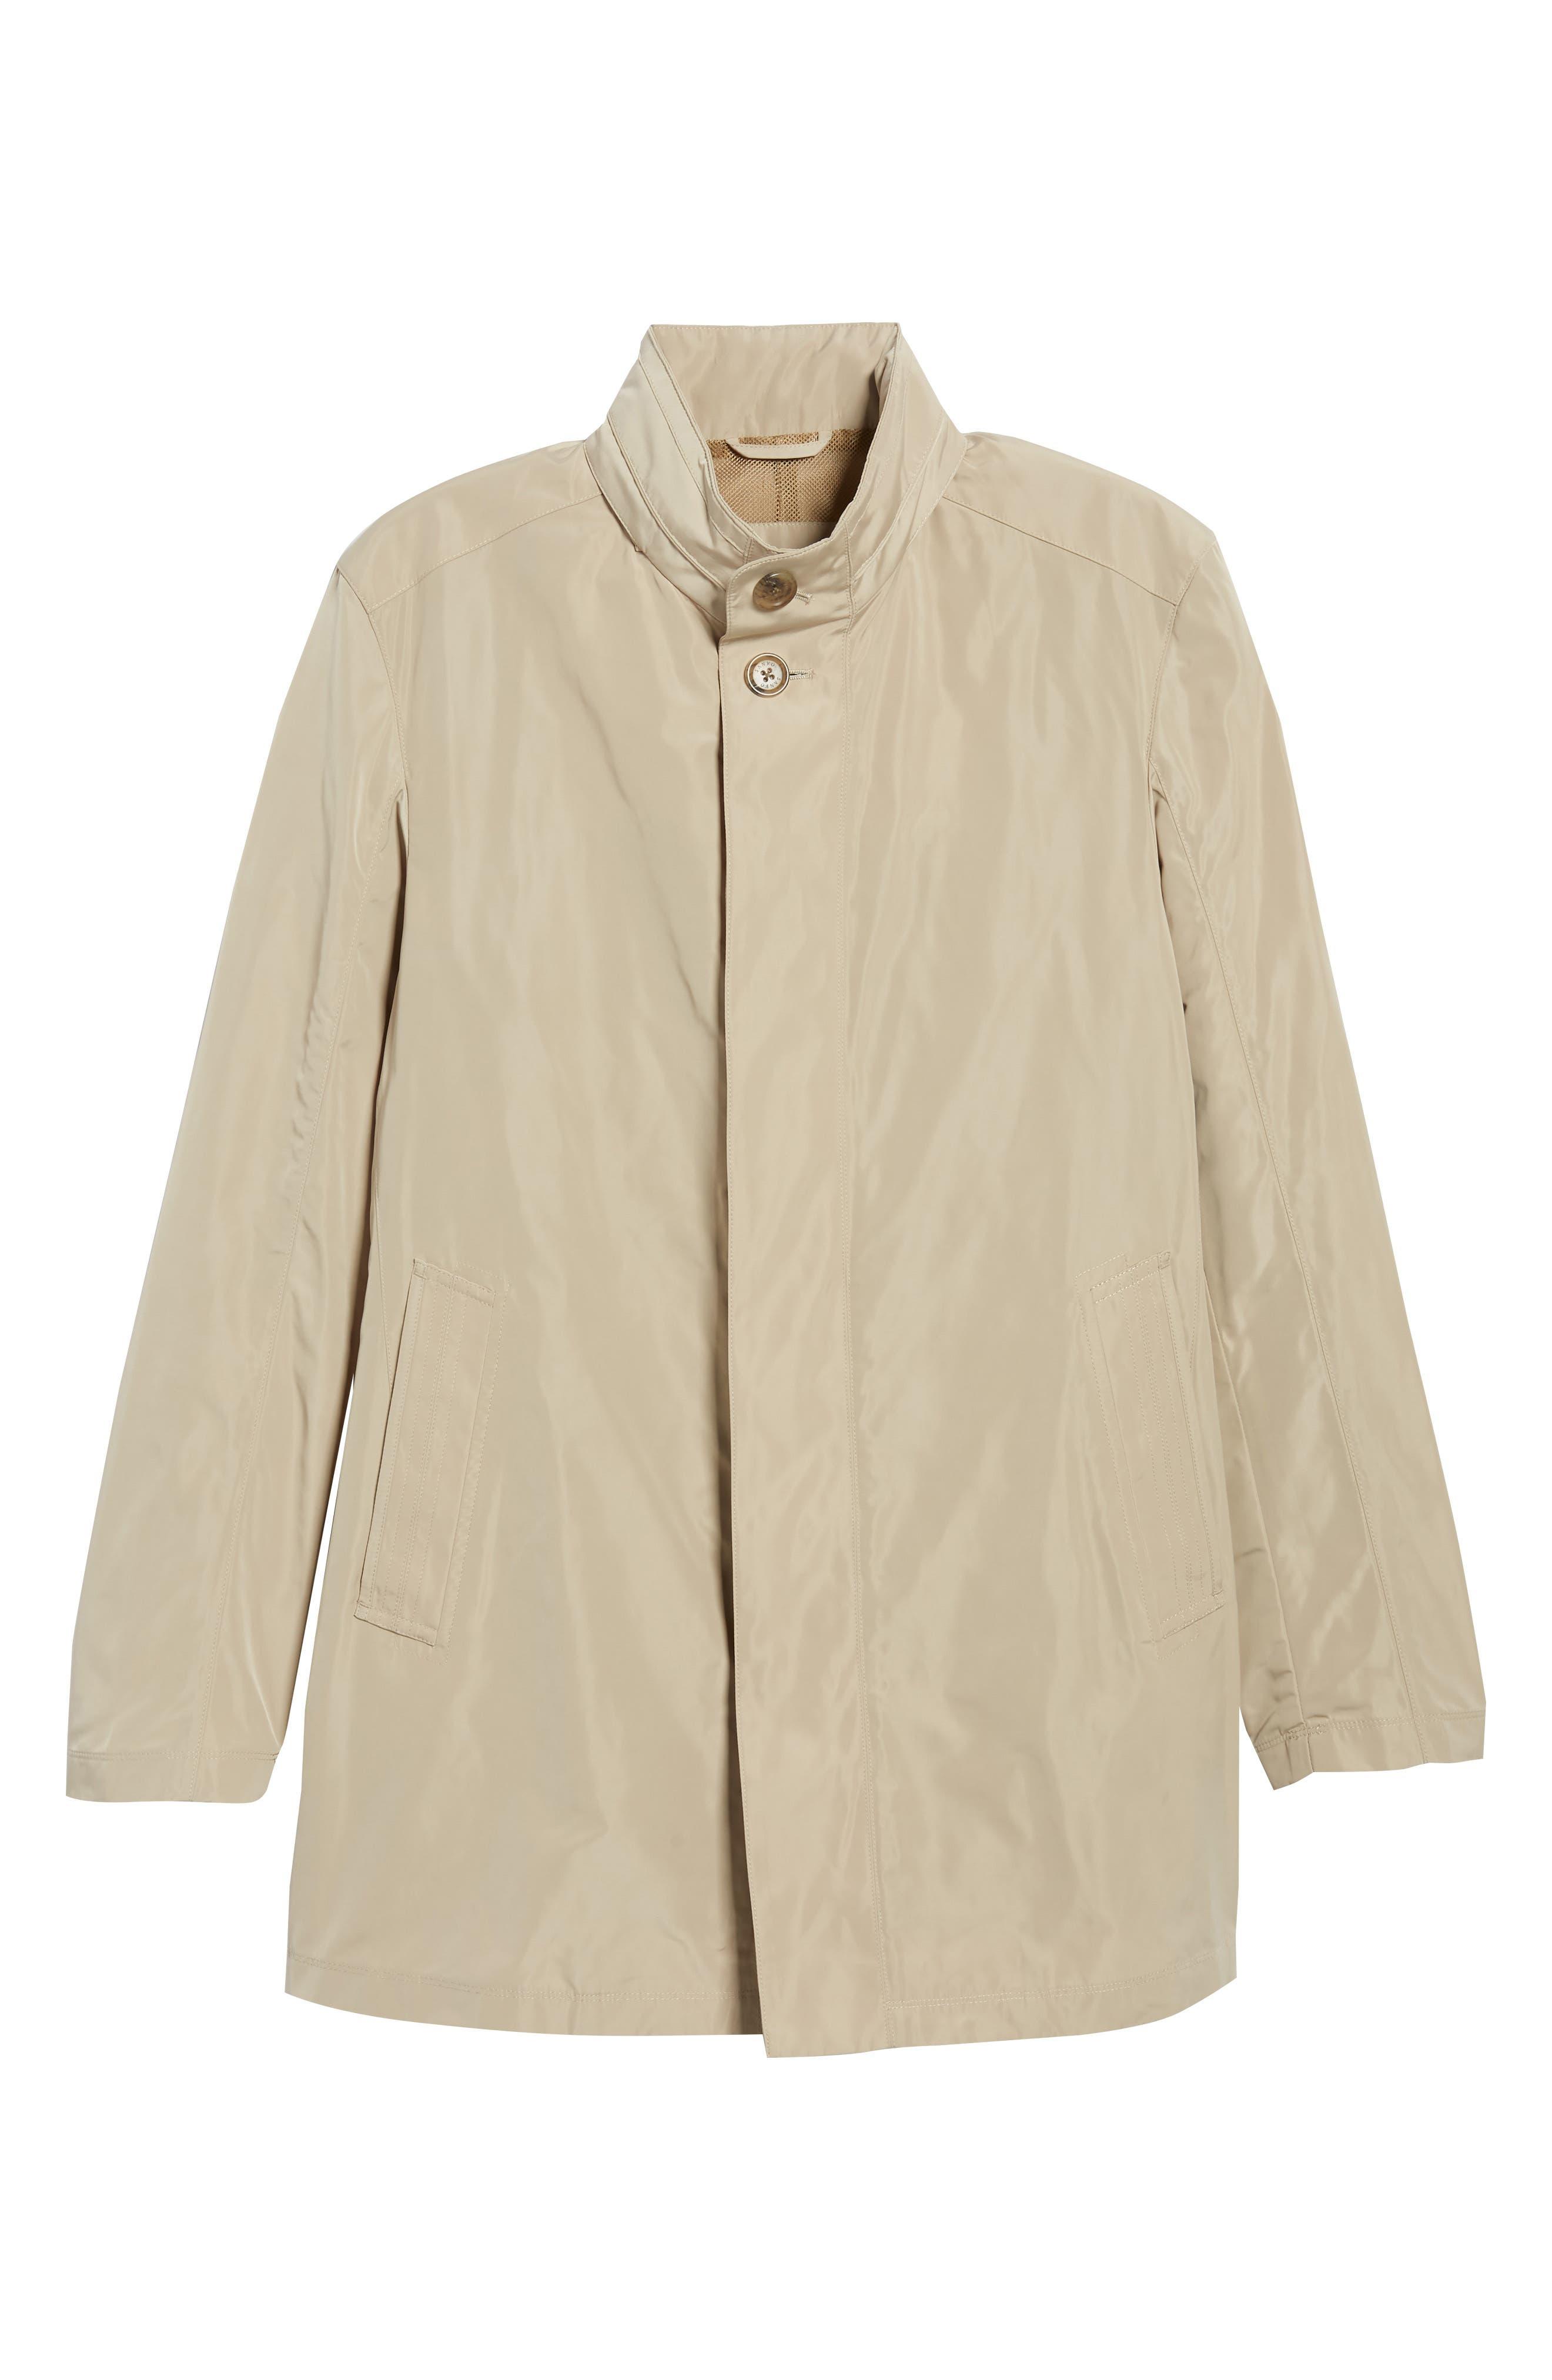 Getaway Raincoat,                             Alternate thumbnail 5, color,                             250